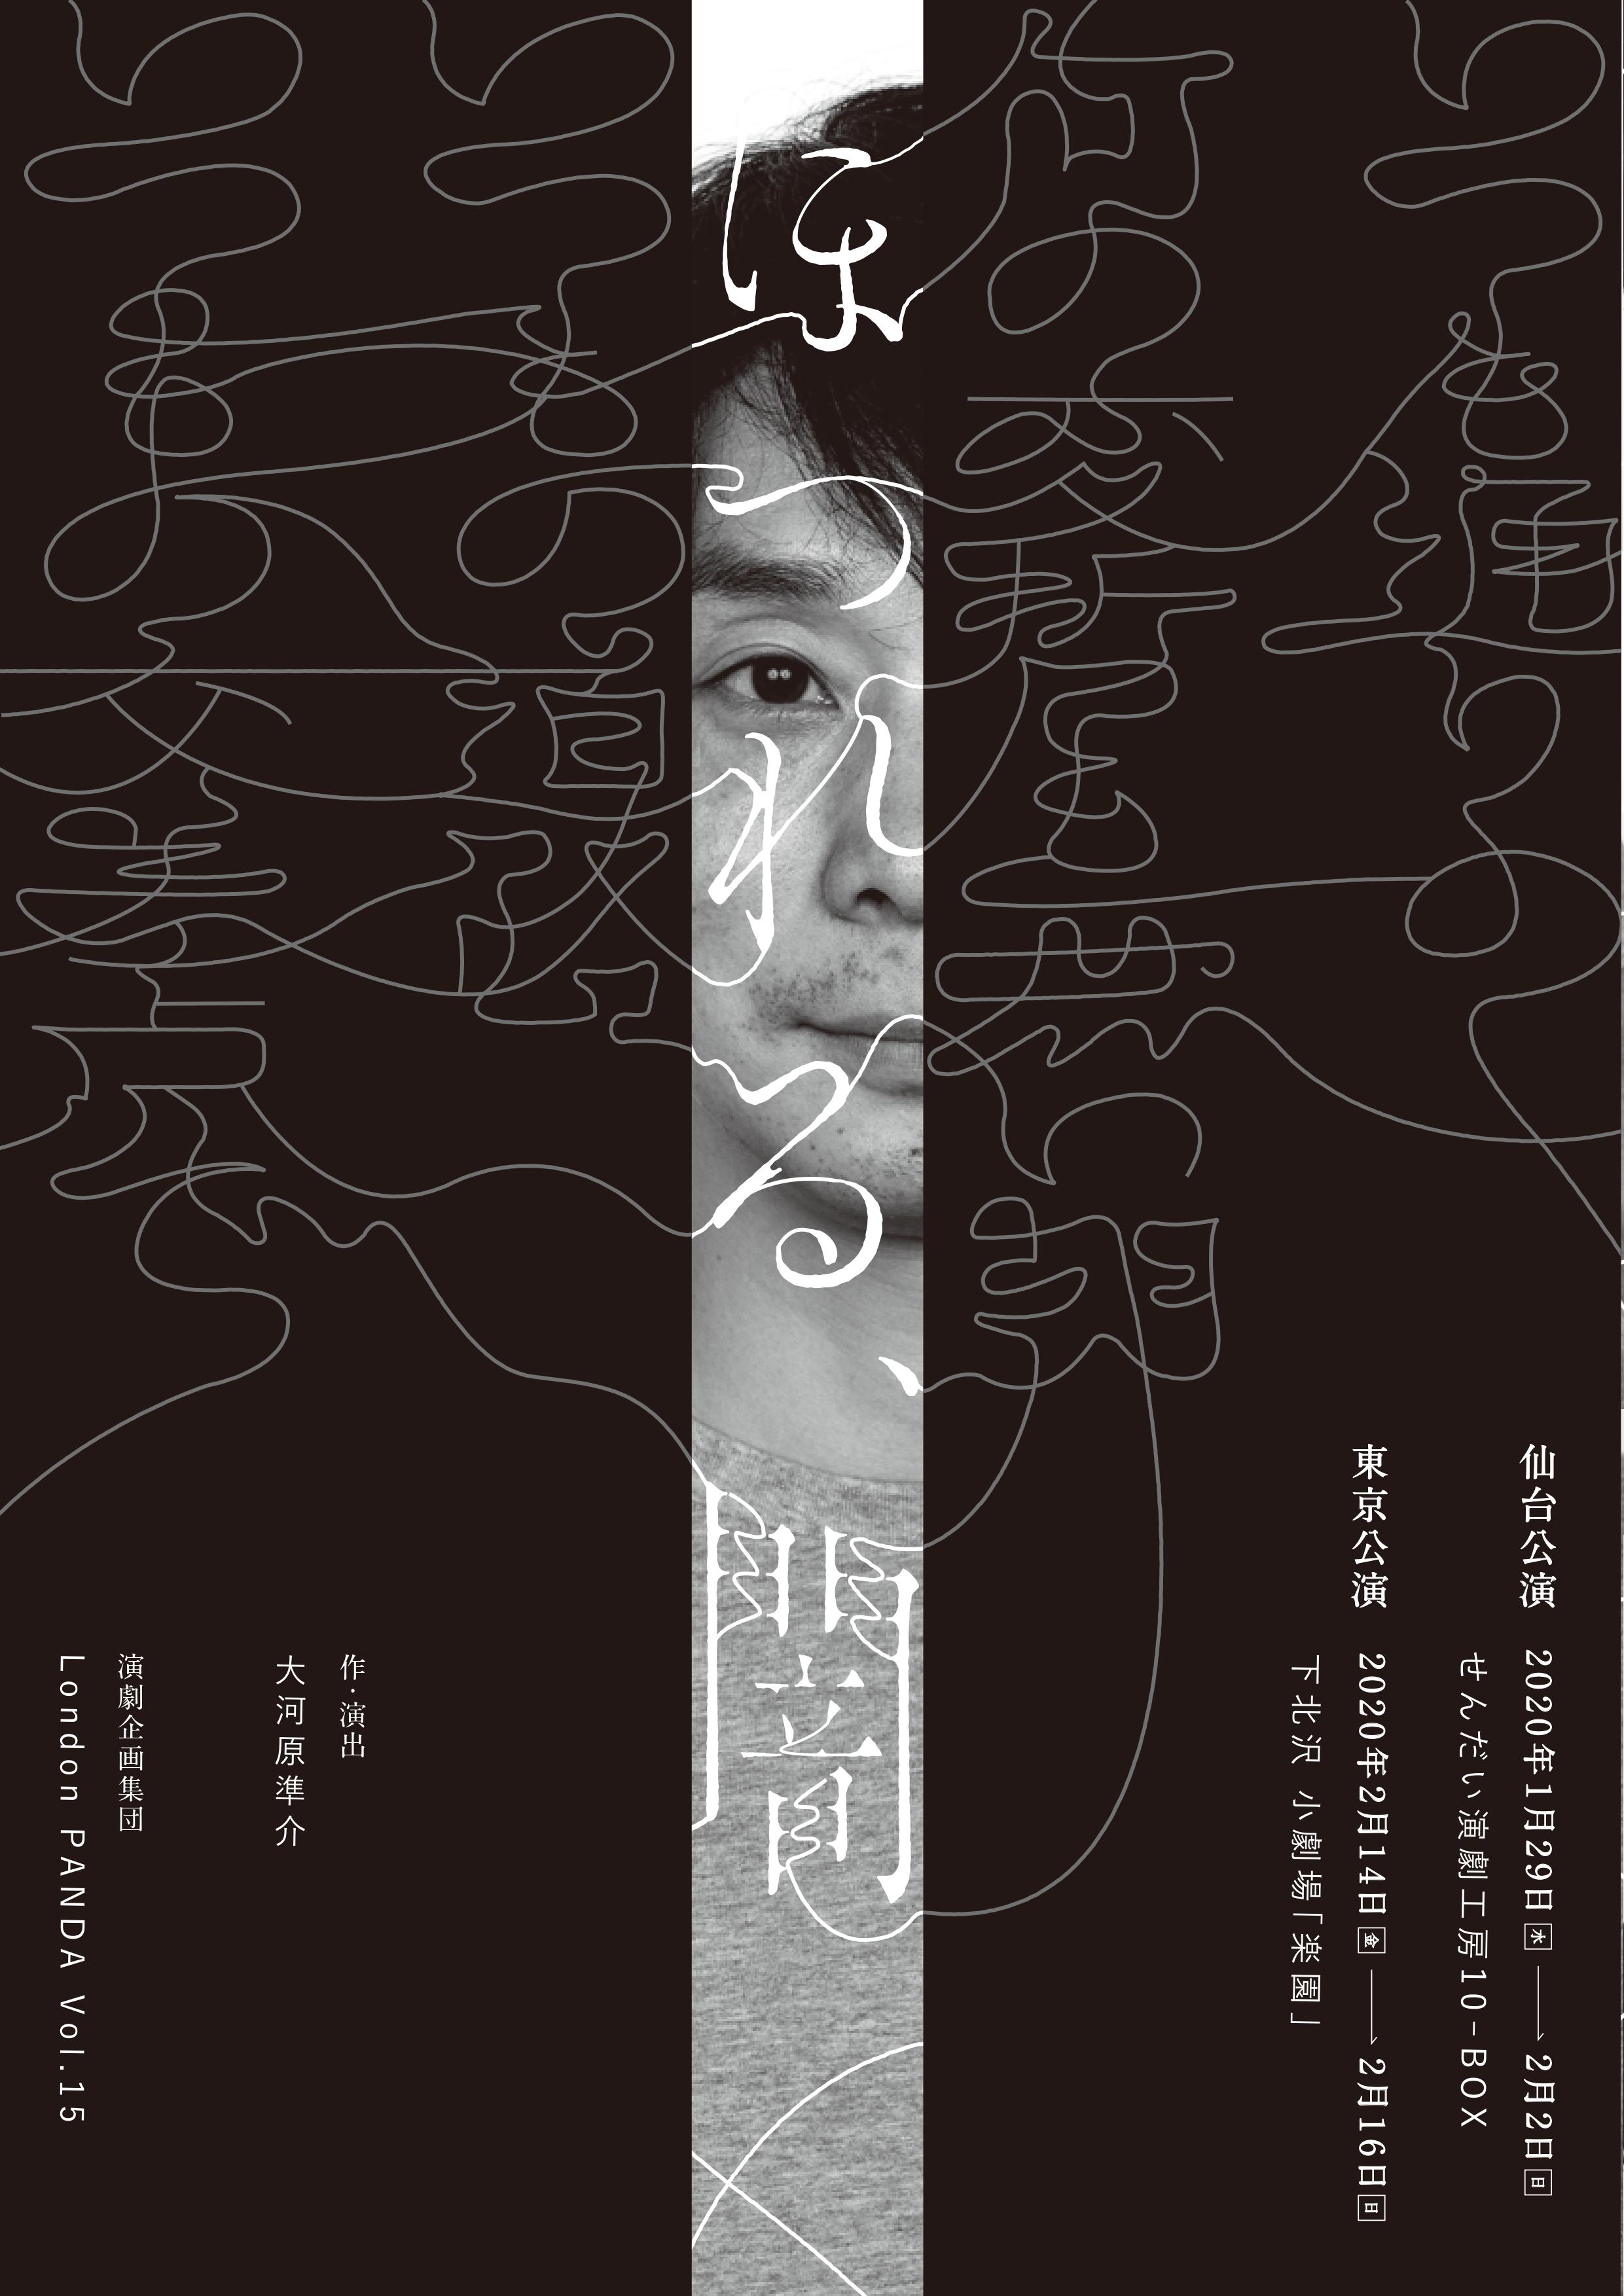 [仙台]2/1(土)18時|演劇企画集団LondonPANDA『ほつれる、闇』